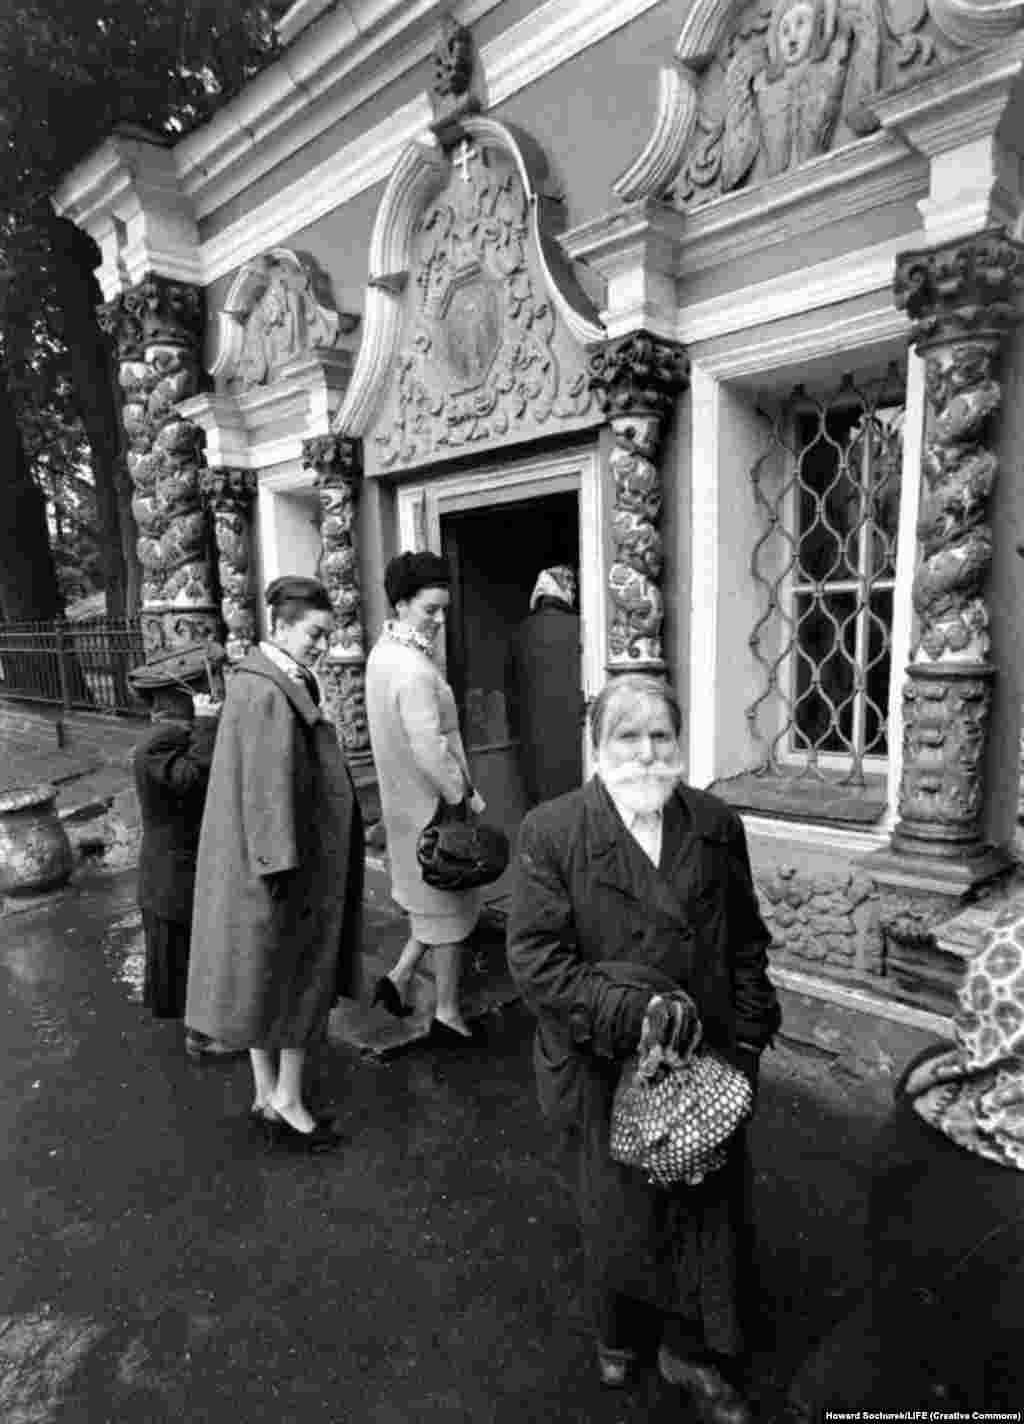 Француженки осматривают советского мужчину при входе в церковь в дождливый день.